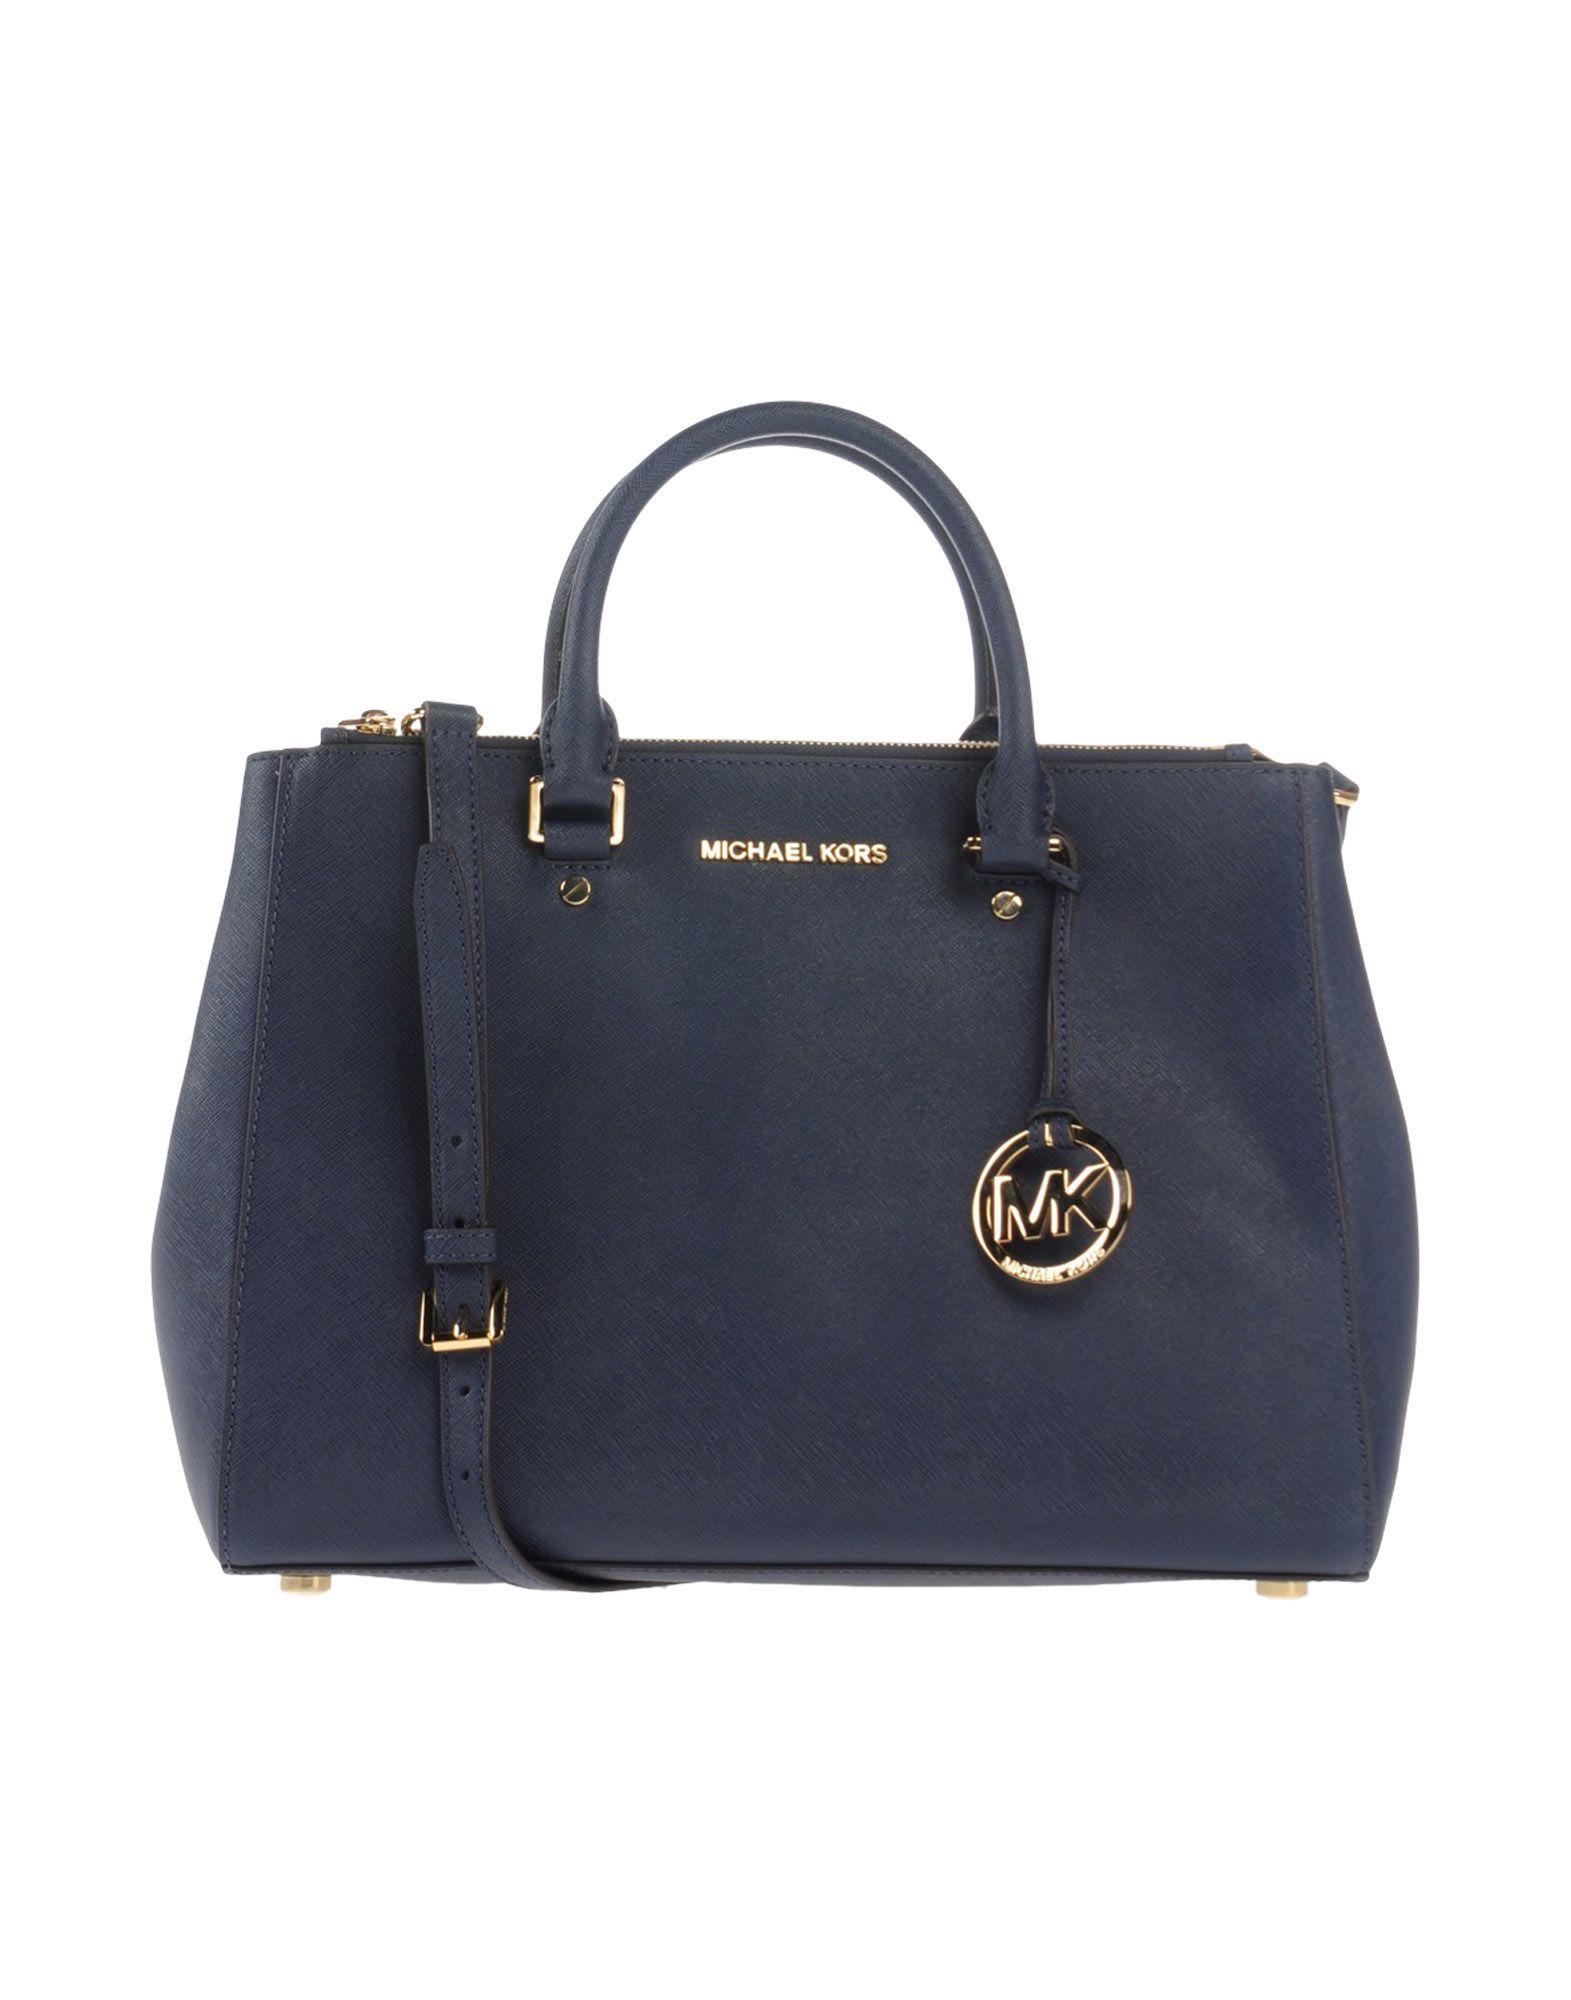 Michael Michael Kors Handbag in Blue (Dark blue)